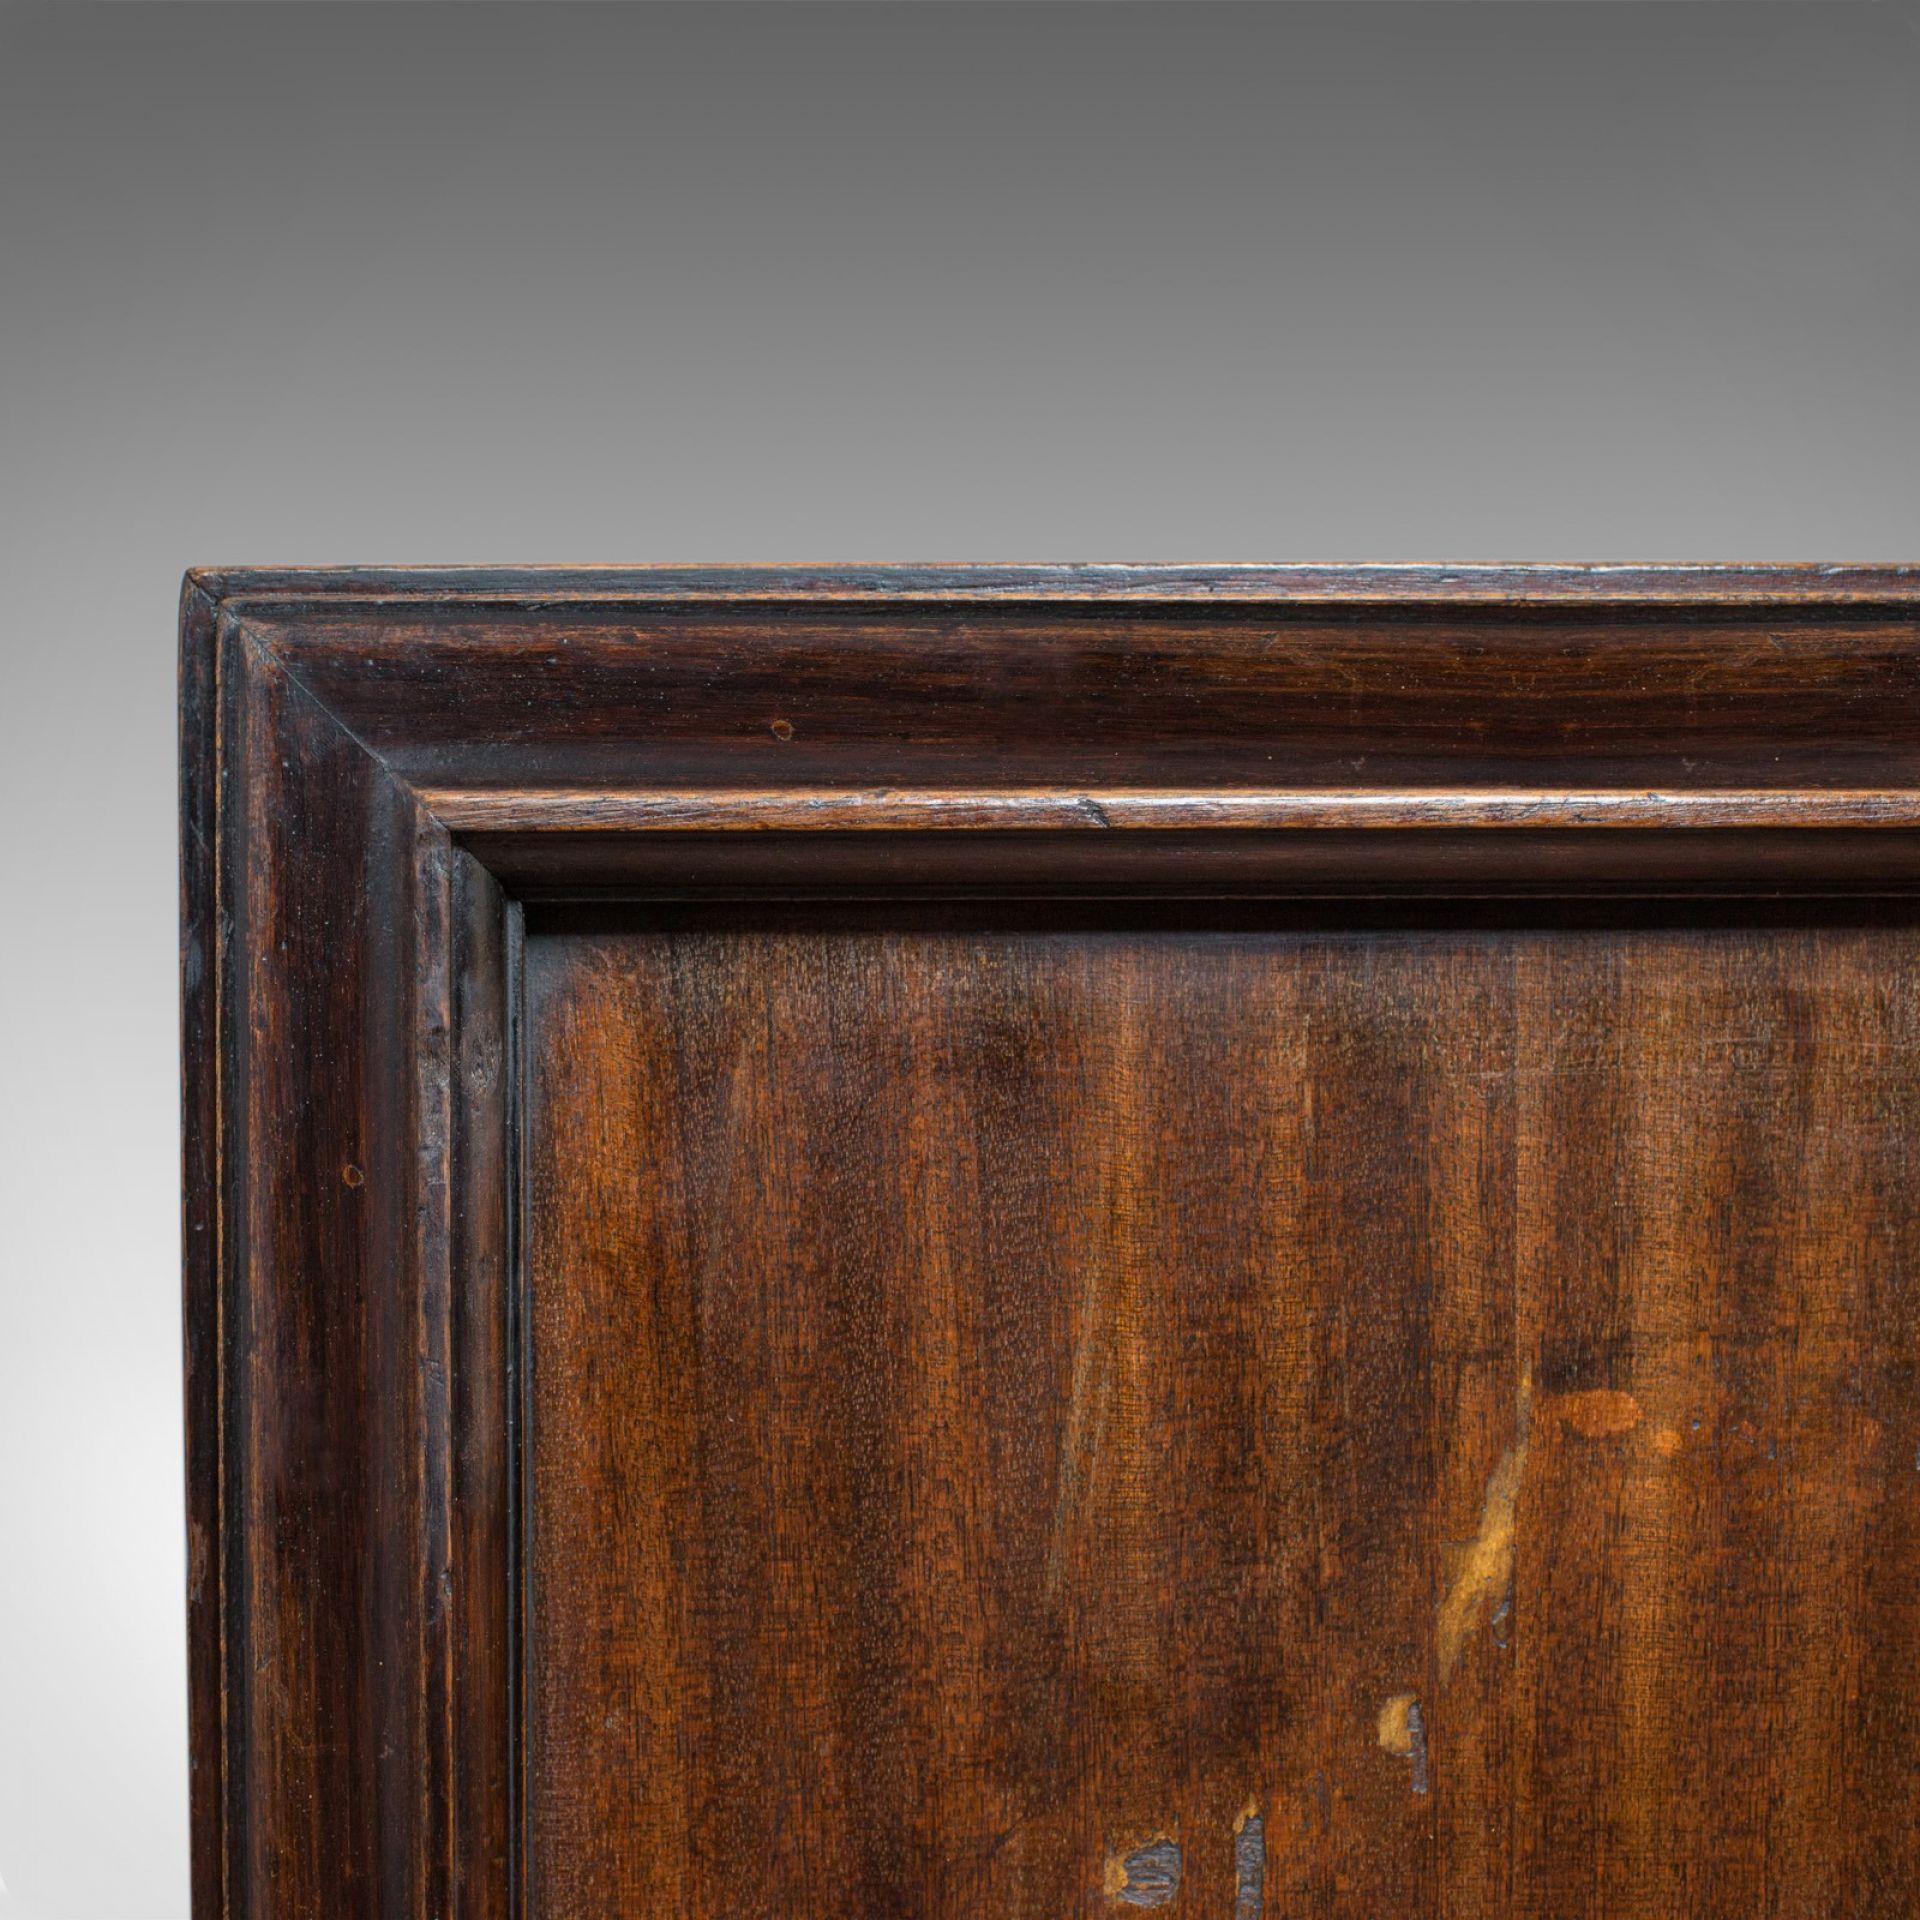 Antique Haberdashery Cabinet, English, Oak, Mahogany, Tiered, Edwardian, C.1910